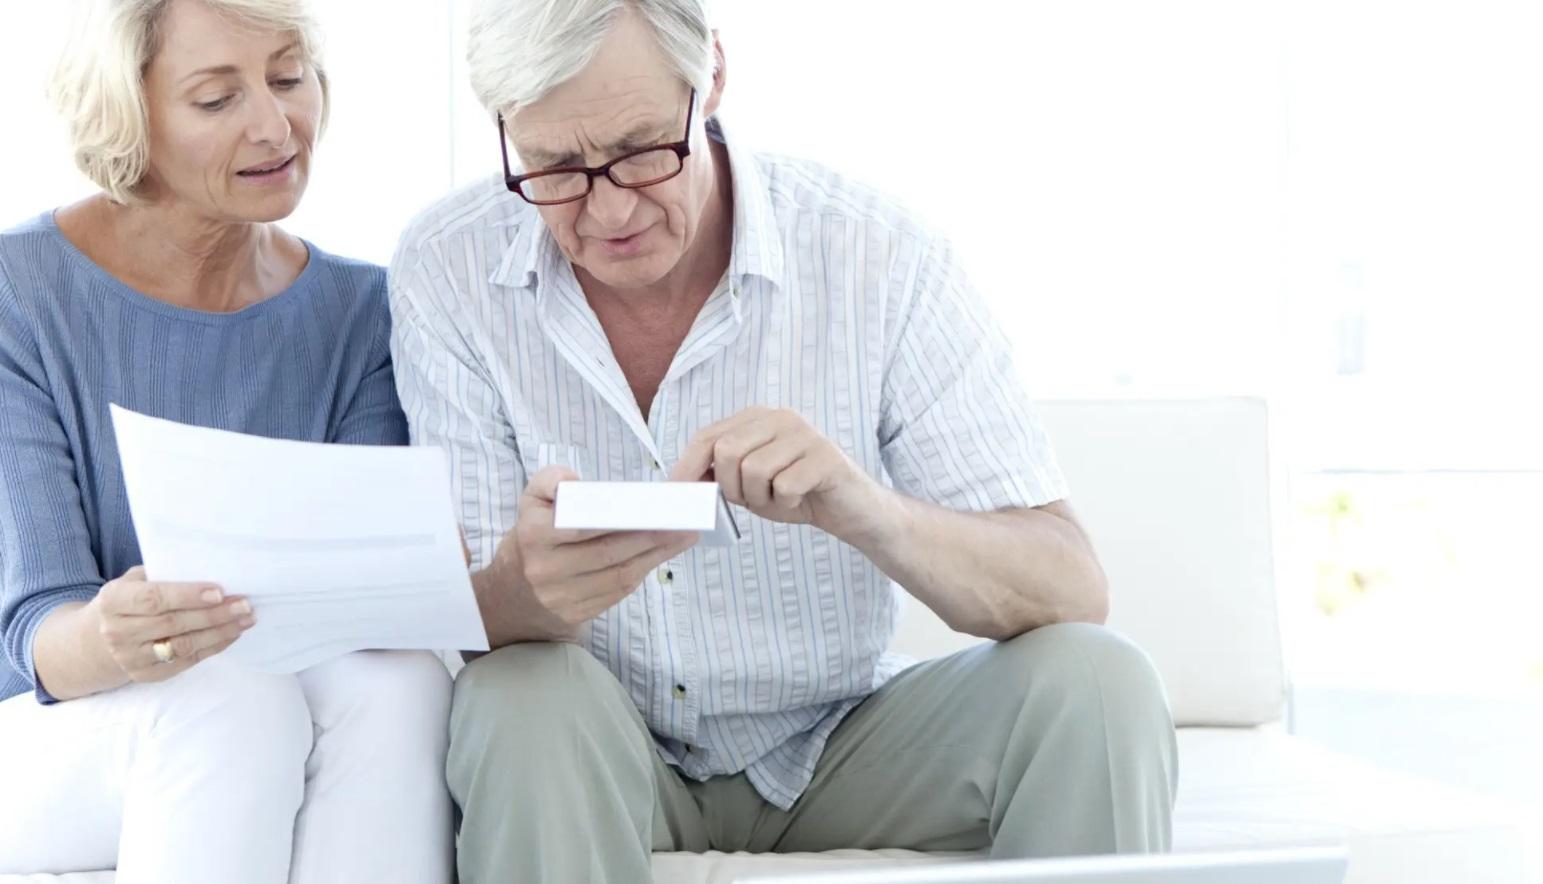 personne agée souscrivant à une assurance